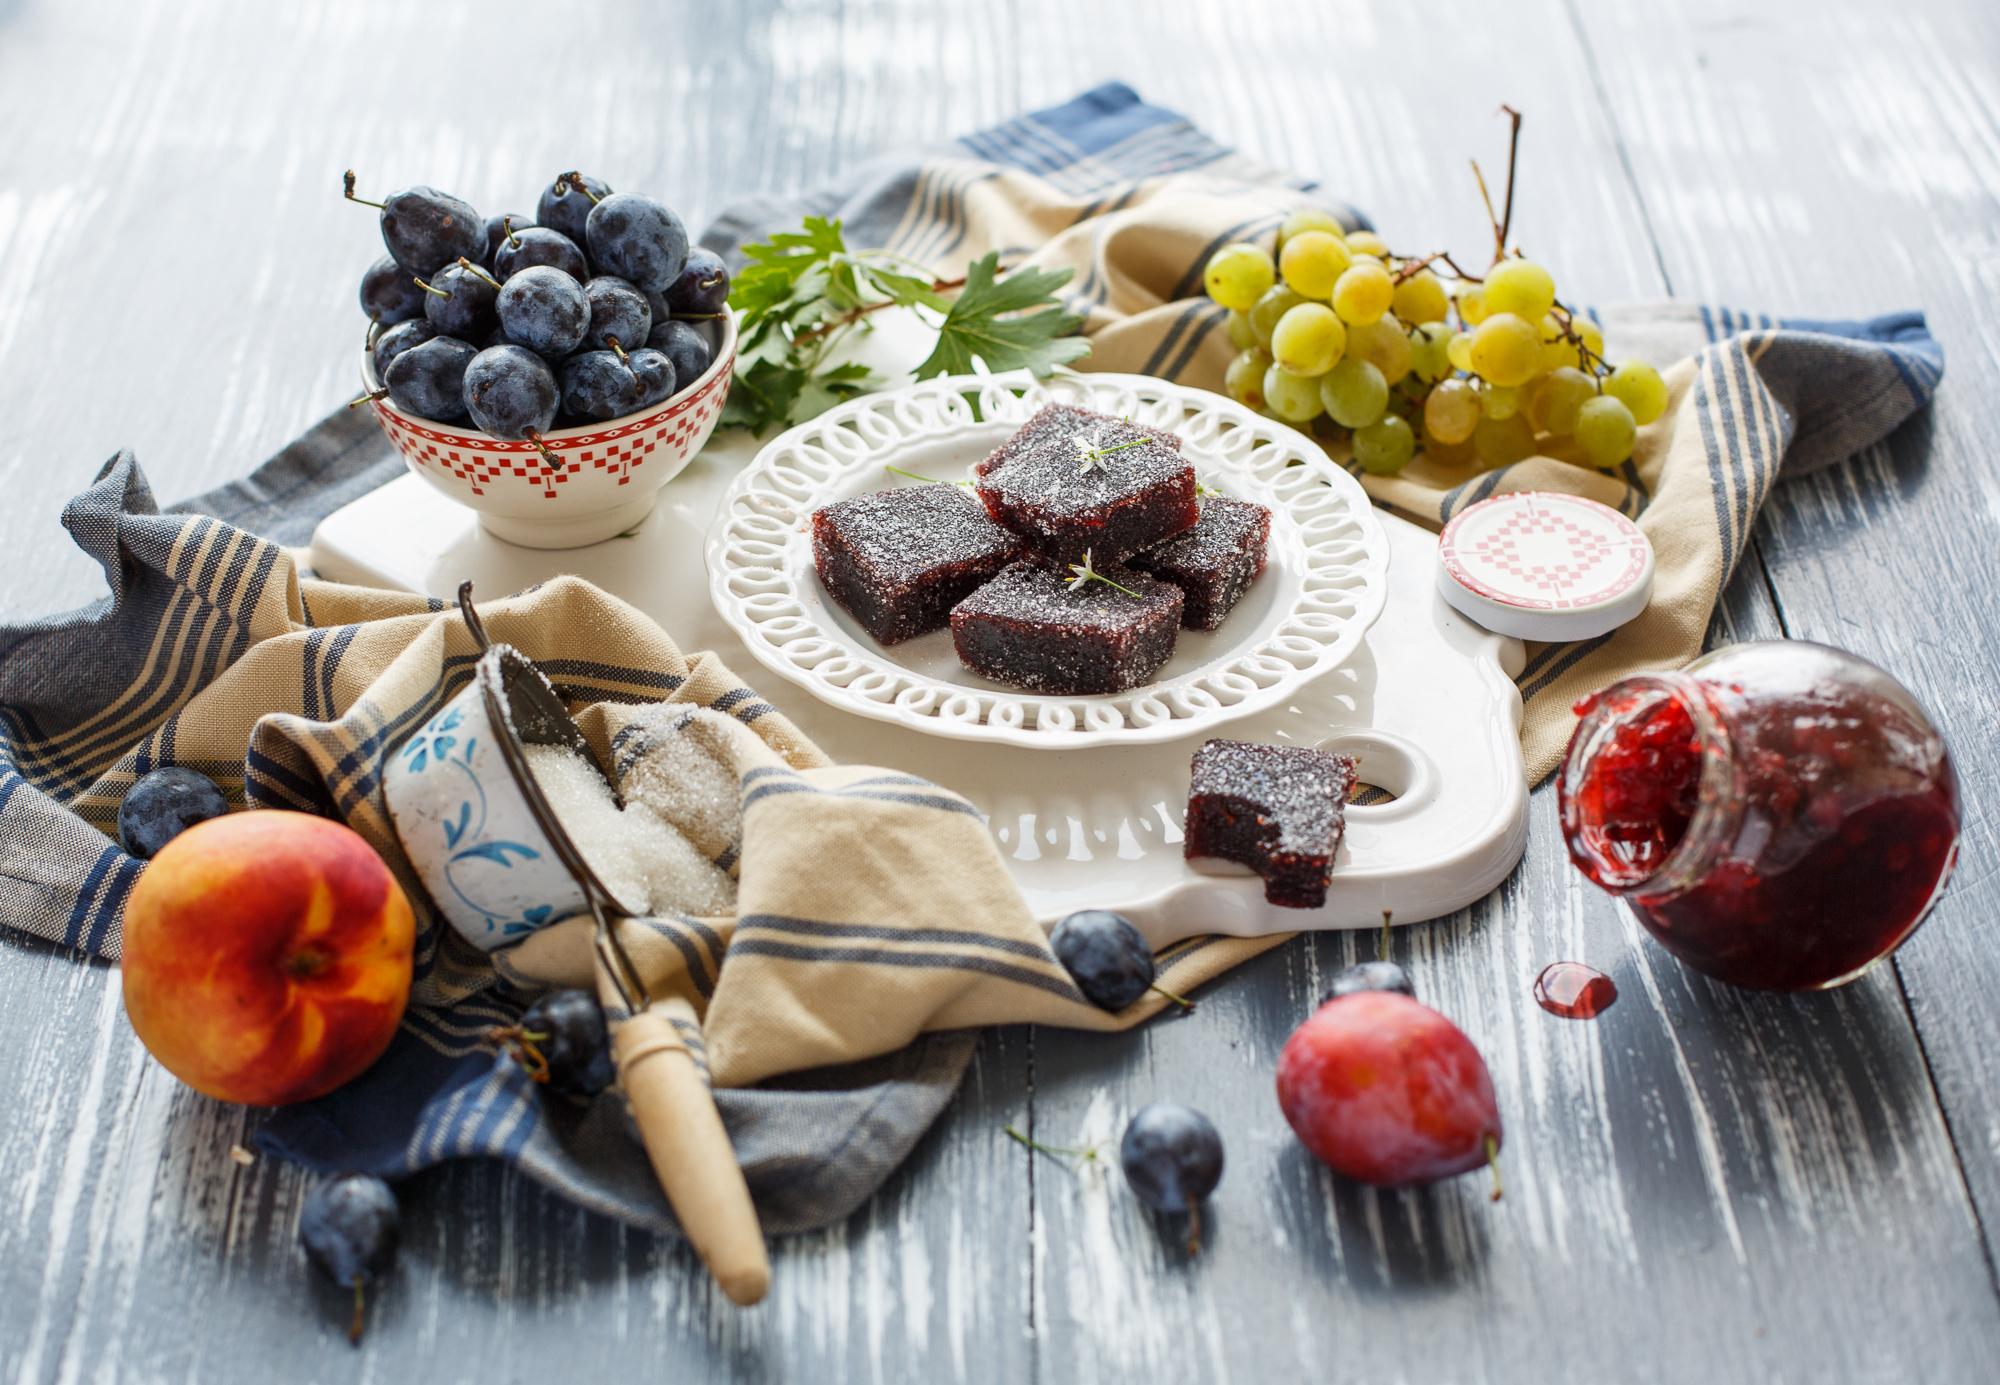 еда чай пирожные виноград  № 378039 загрузить